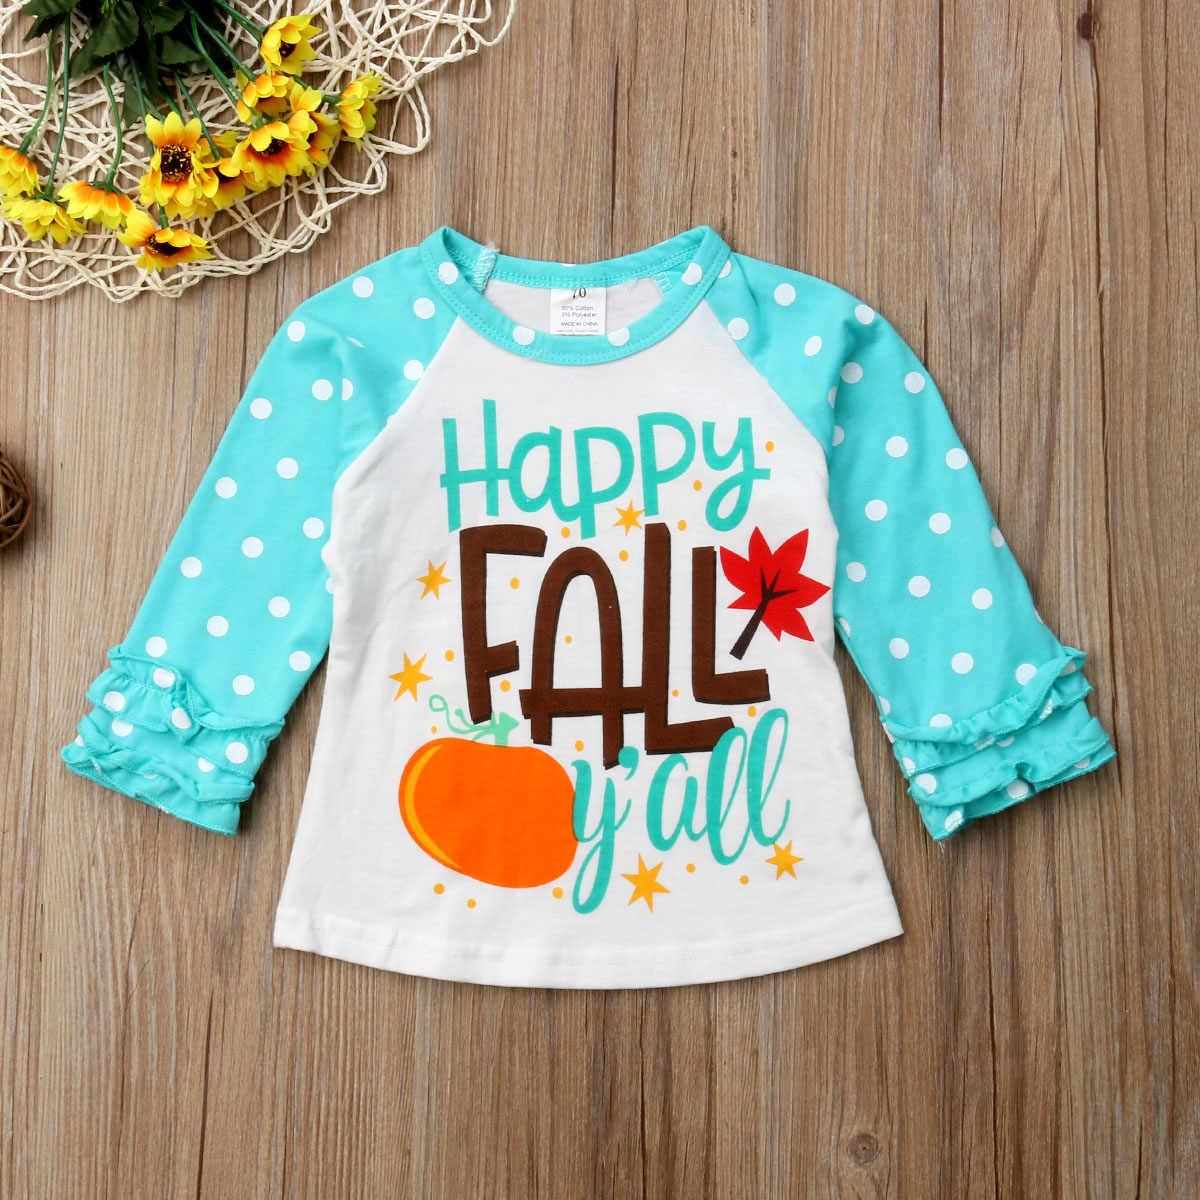 2018 Kız Üst Mutlu Sonbahar Çocuklar Bebek Kız Erkek pamuklu uzun kollutişört Baskı Ruffles Prenses Bluzlar Tops 0-7 T